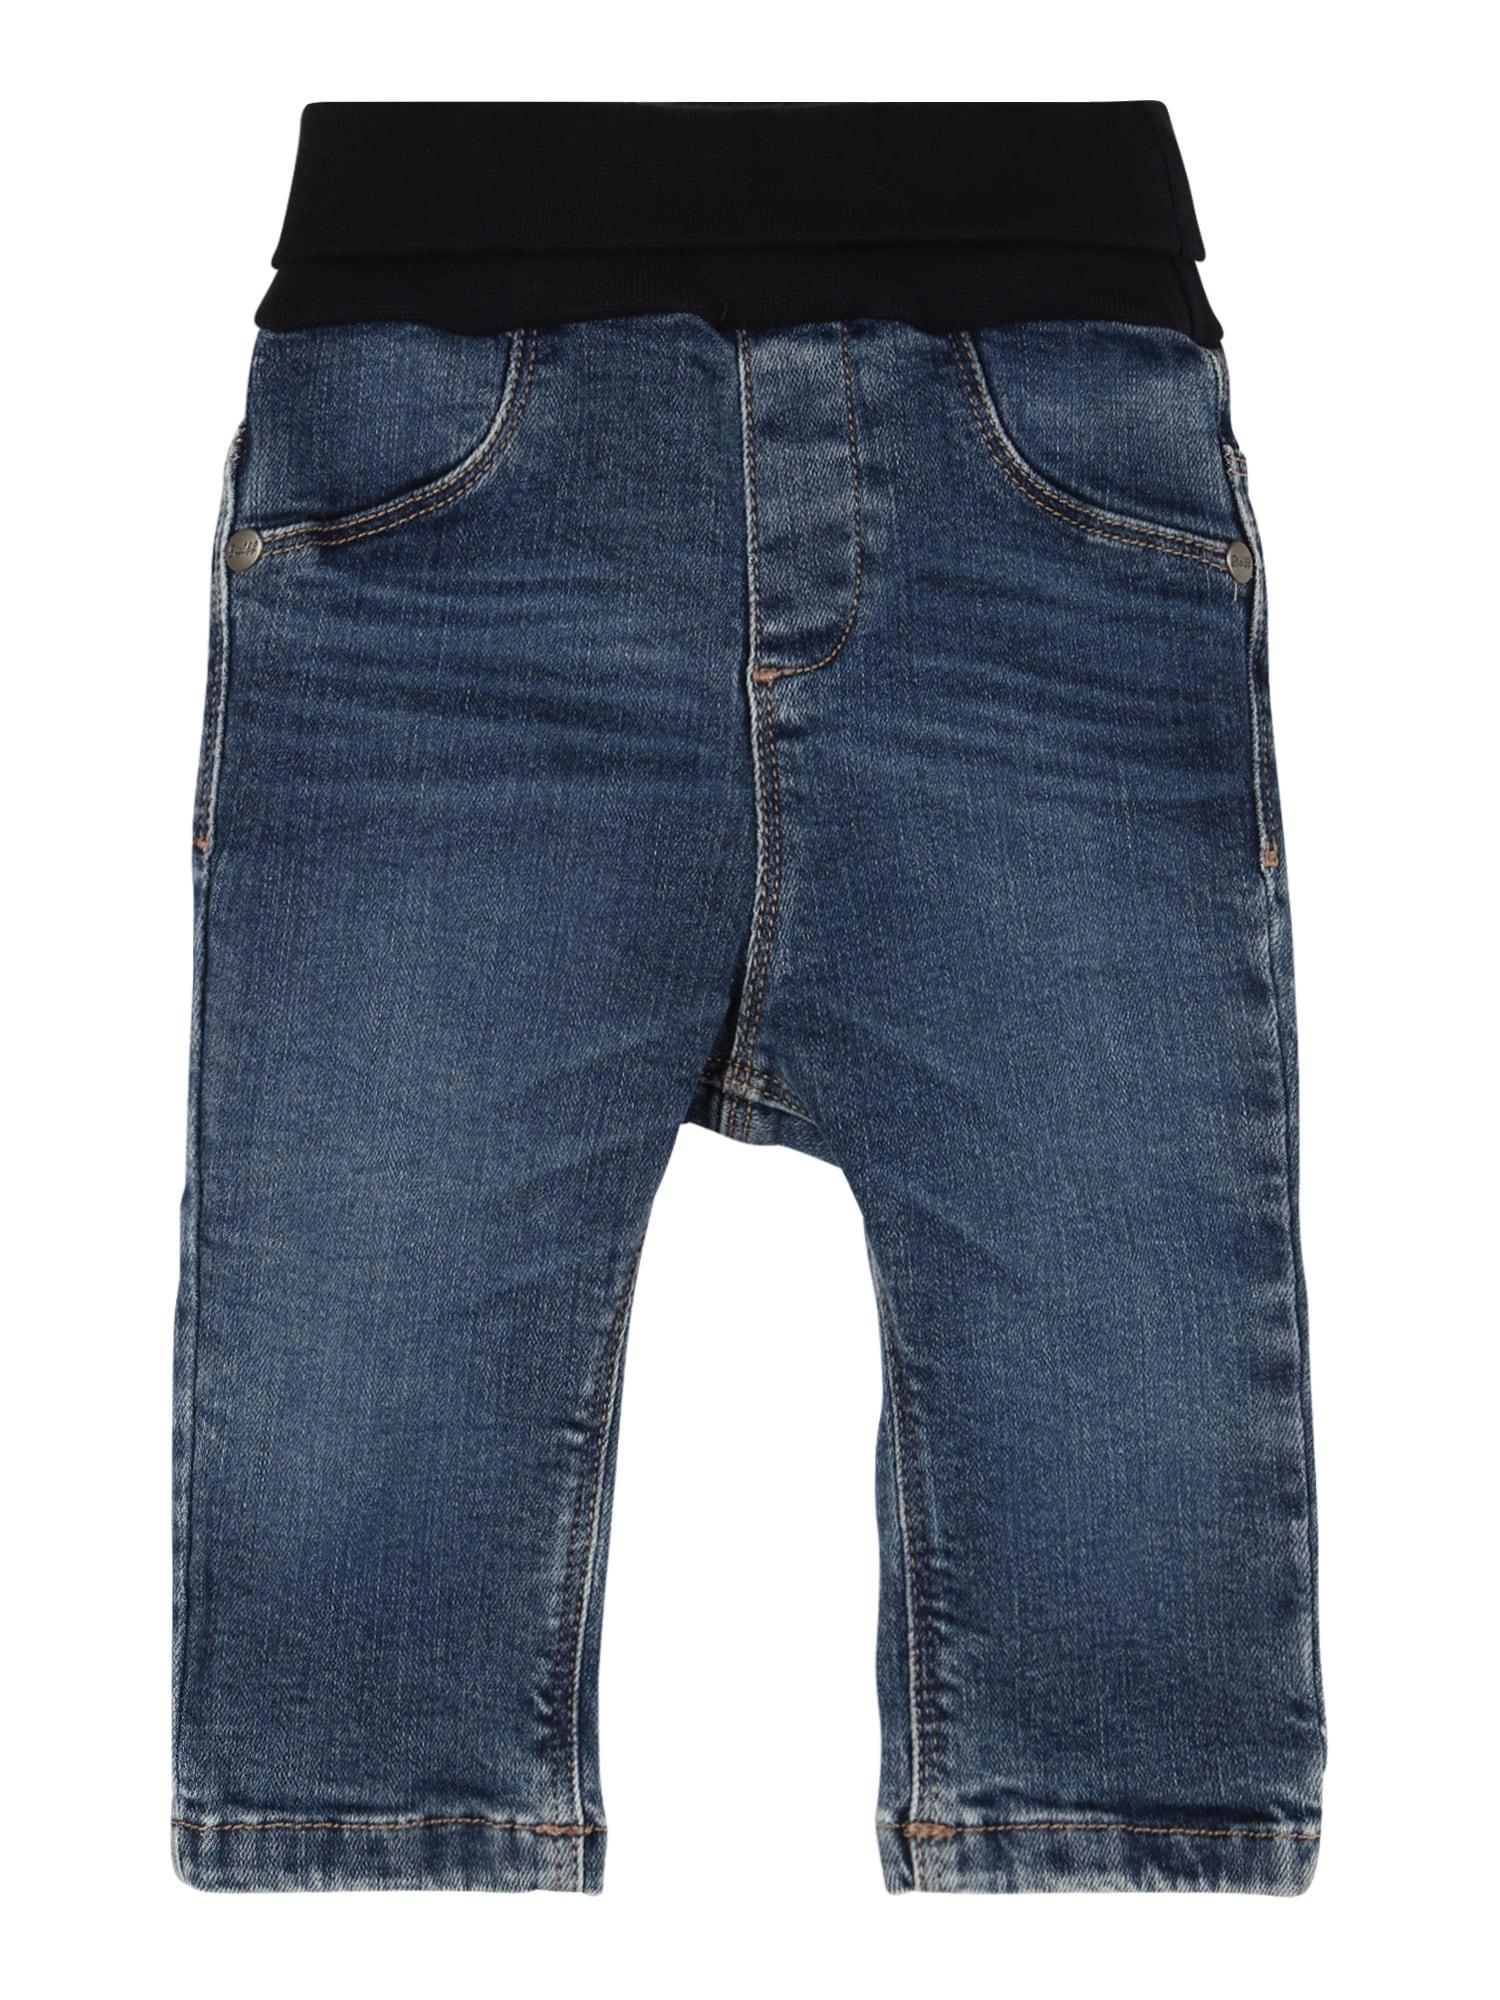 Steiff Collection Džíny  modrá džínovina / černá